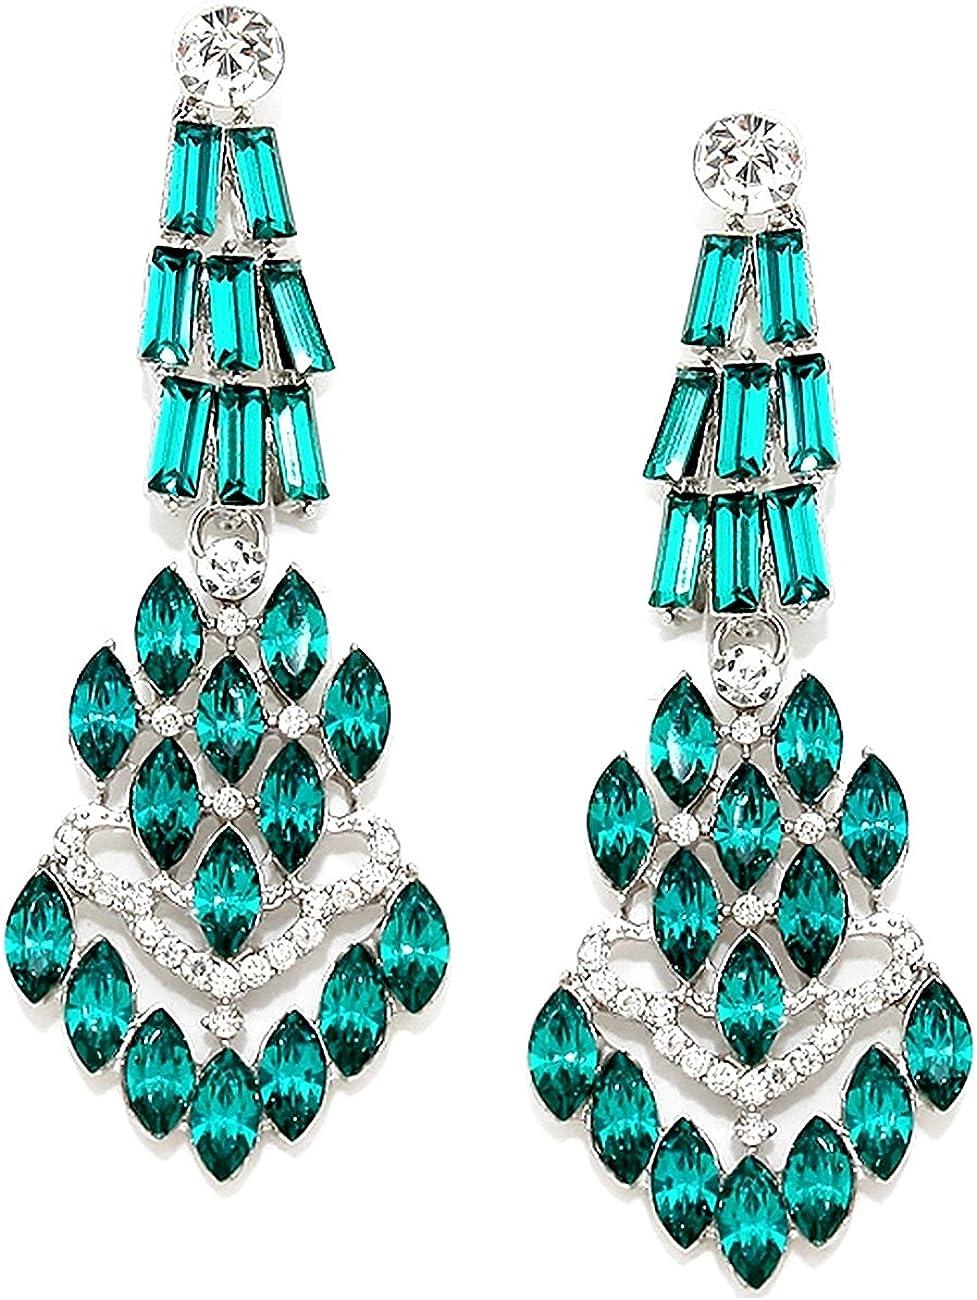 Schmuckanthony Diseñador Lujo Tarde de noche Boda Bola Pendientes largos Cristal Transparente Verde esmeralda 7 cm de largo